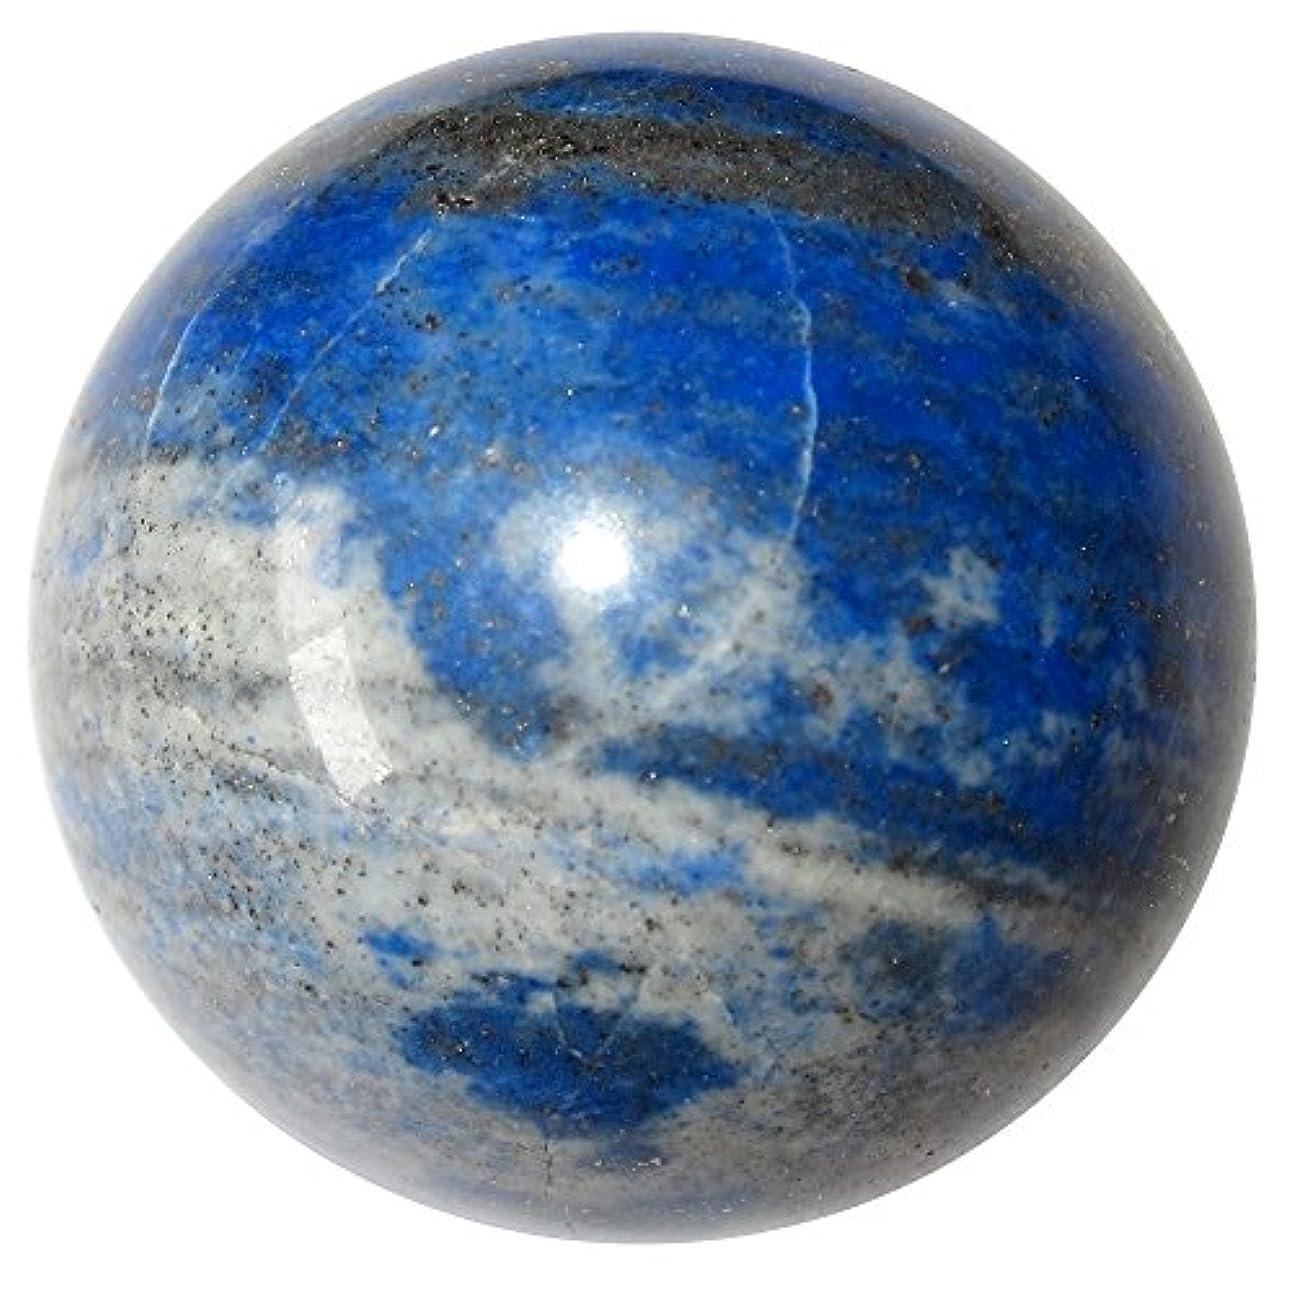 注入するホステル滑りやすいサテンクリスタルLapisボールプレミアムブルーLazuli Third Eye Chakra直感的なHealing Precious Stone球p03 1.6 Inches ブルー lapisball03-afghanearth...